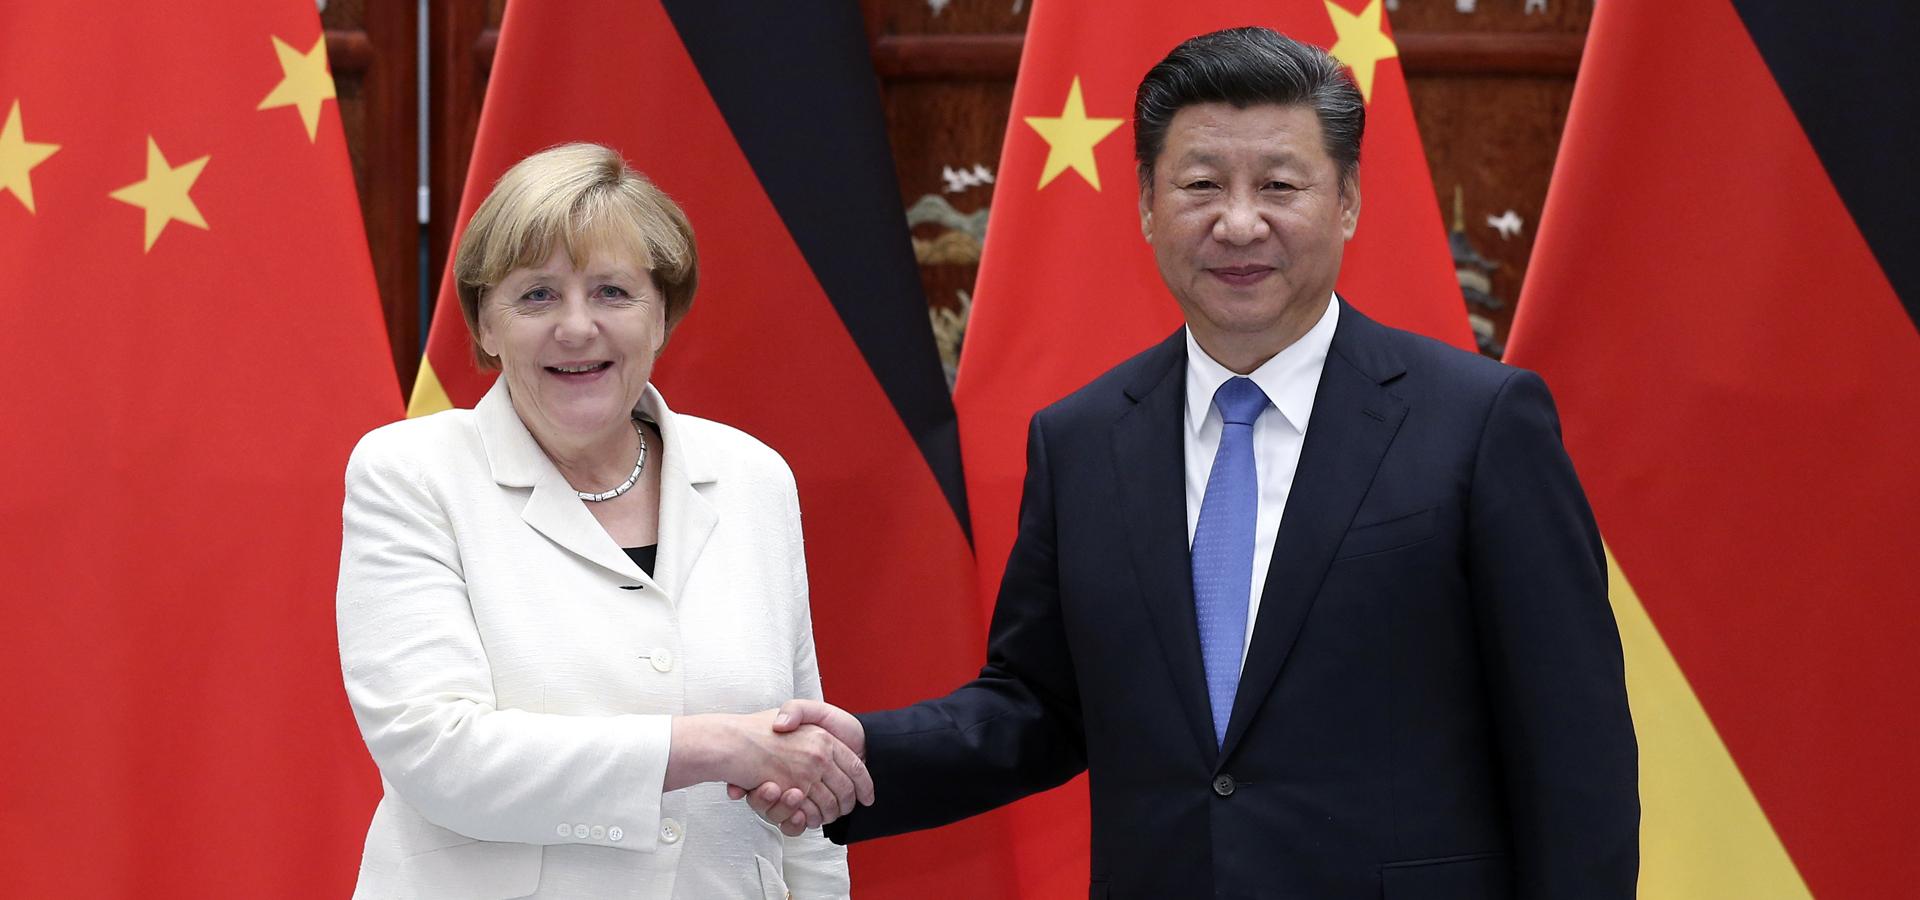 習近平會見德國總理默克爾